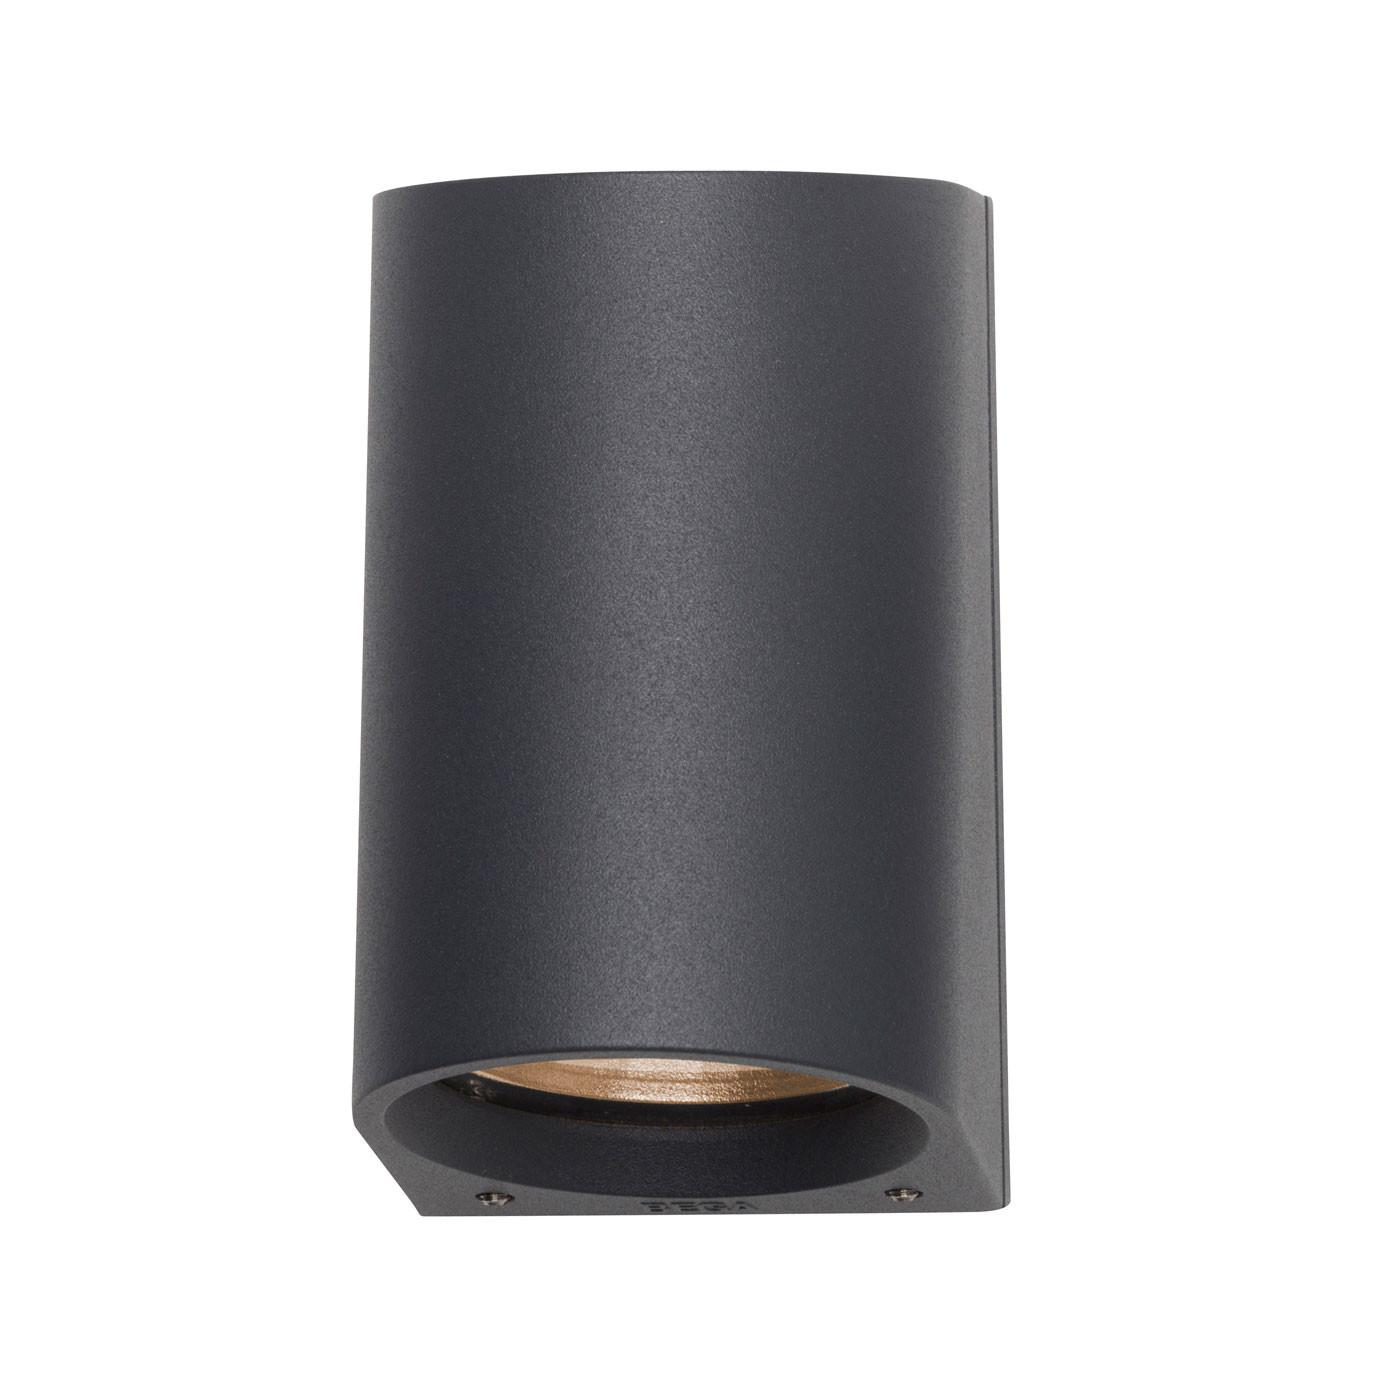 Bega 24501 LED Wandleuchte, einseitig abstrahlend